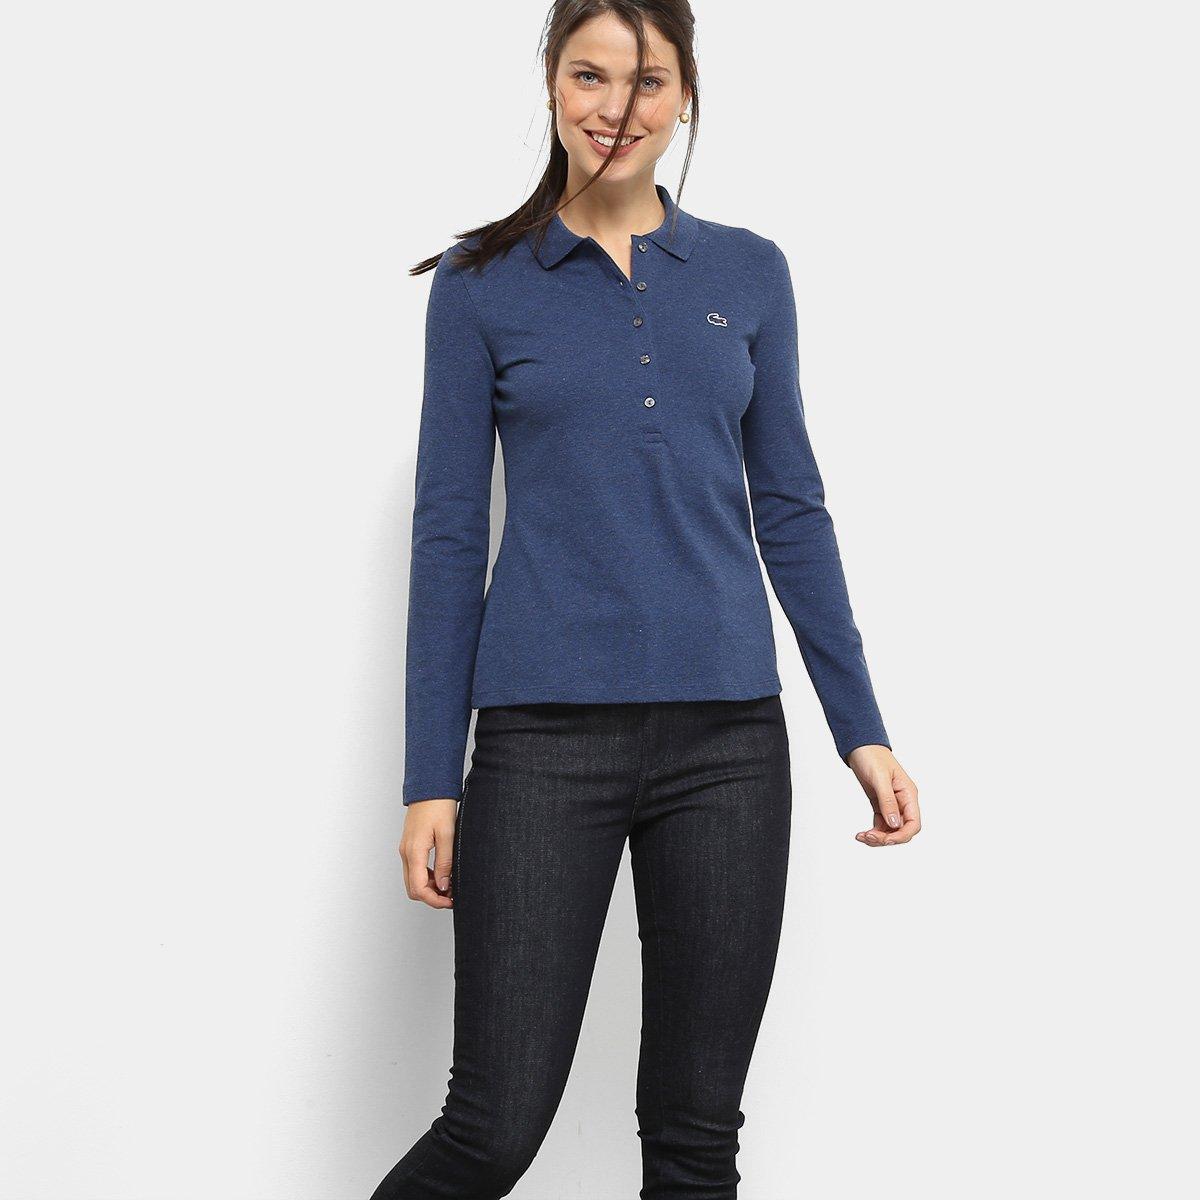 241a0f5fa5311 Camisa Polo Lacoste Manga Longa Botões Feminina